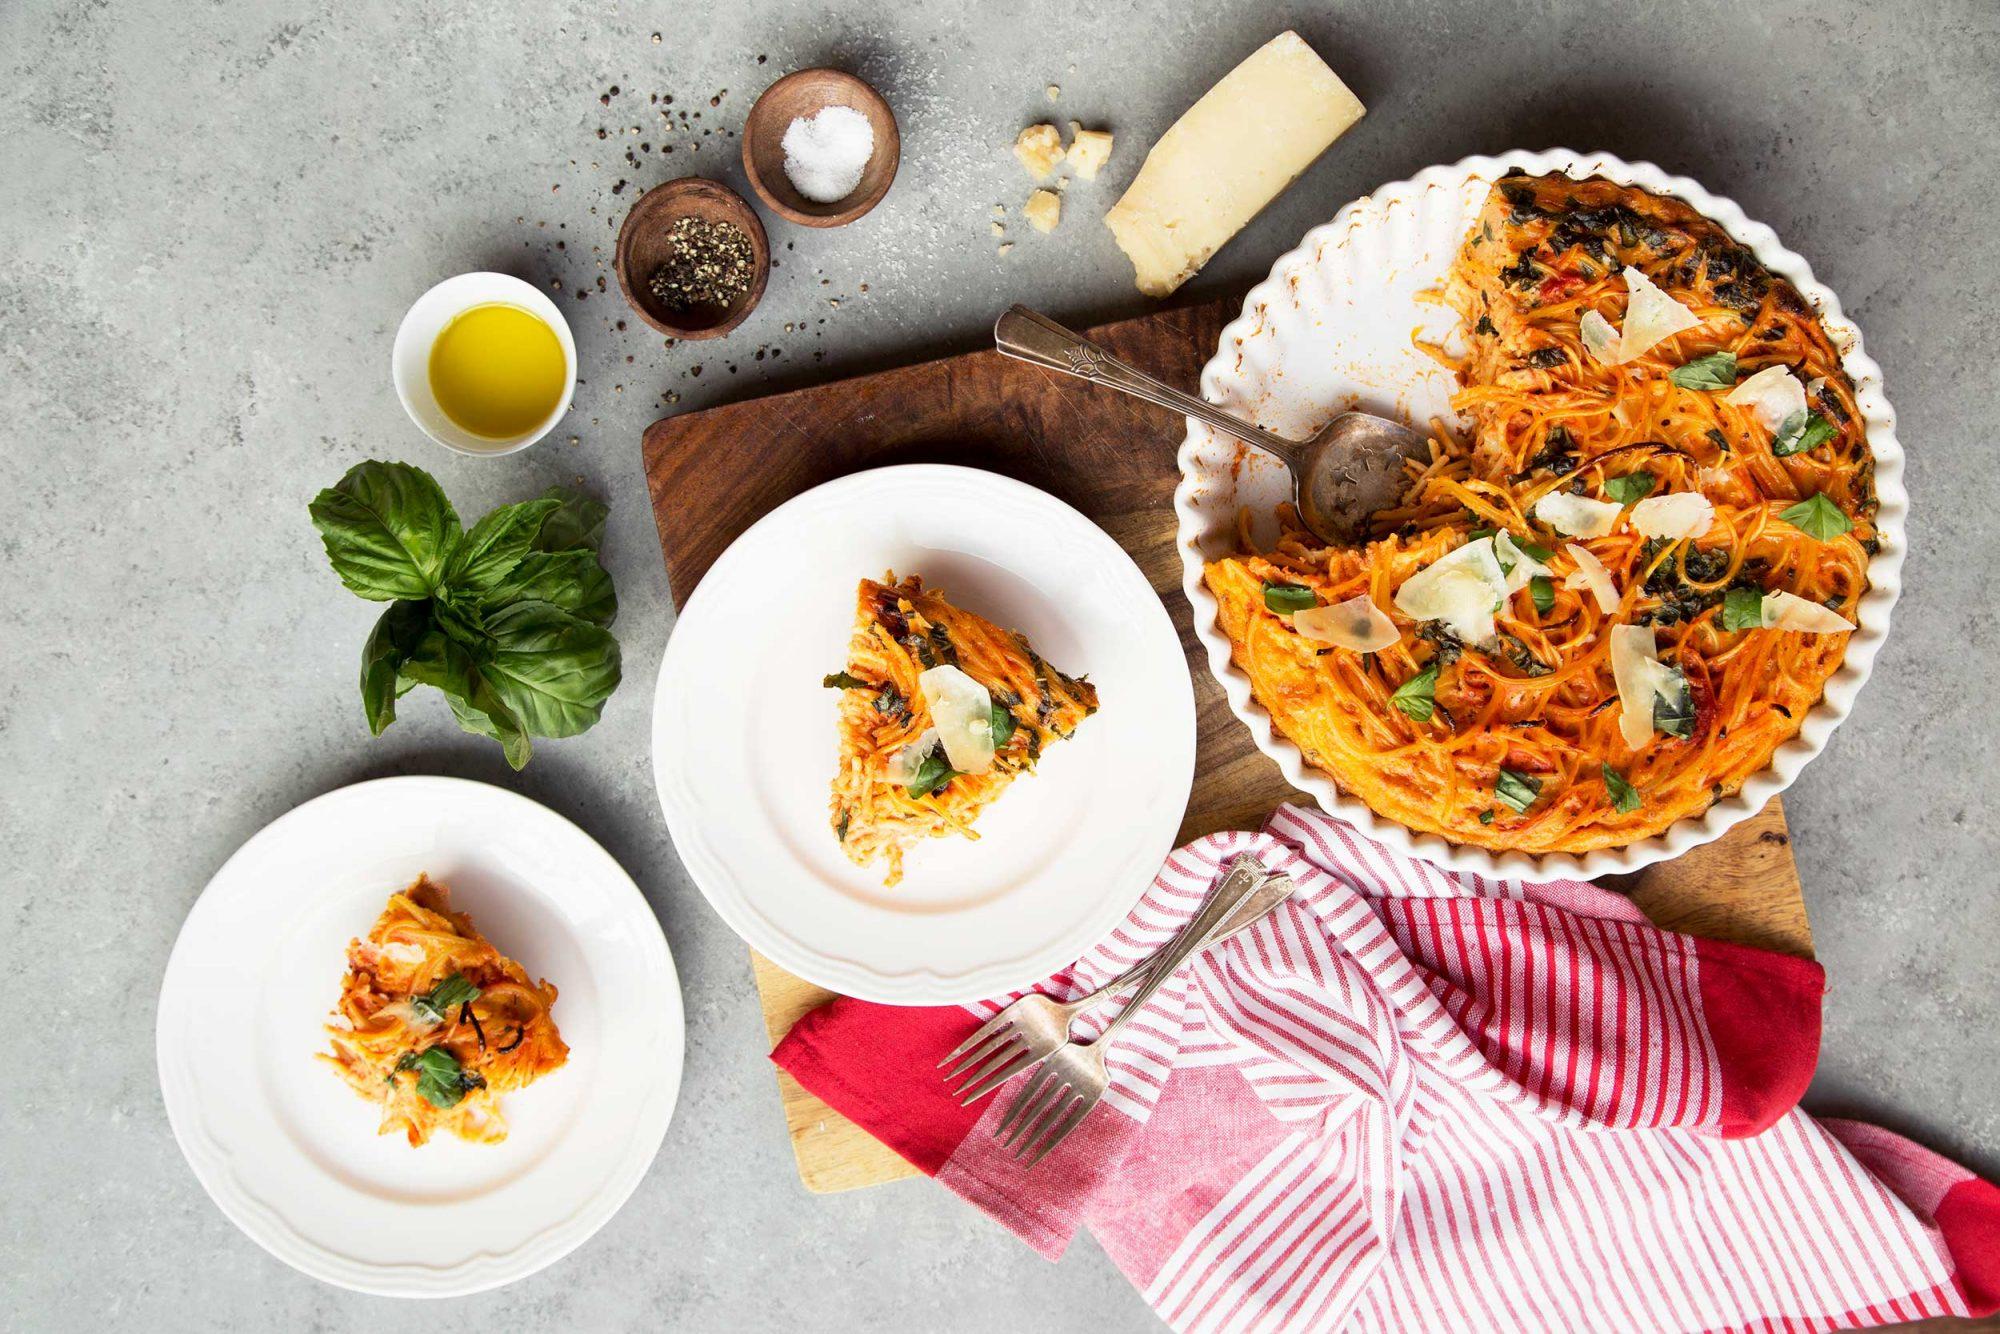 EC: Turn Leftover Spaghetti Into a Picture-Perfect Quiche